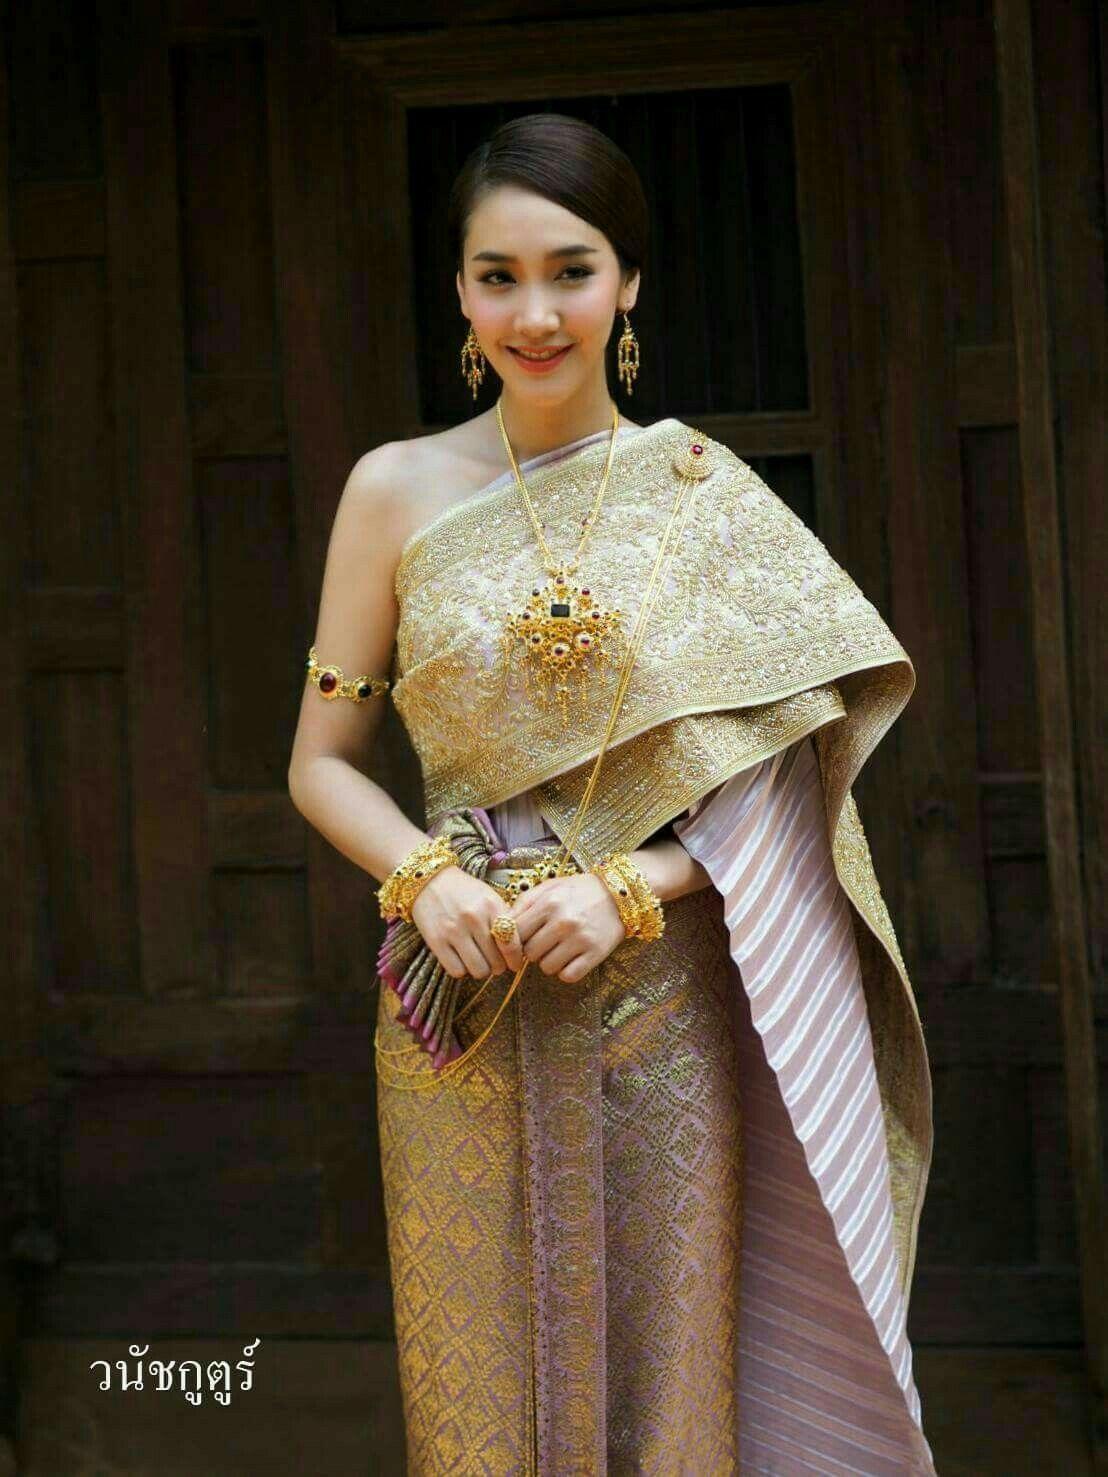 ชดไทยเจาสาว ผาสไบ pinterest traditional wedding dresses